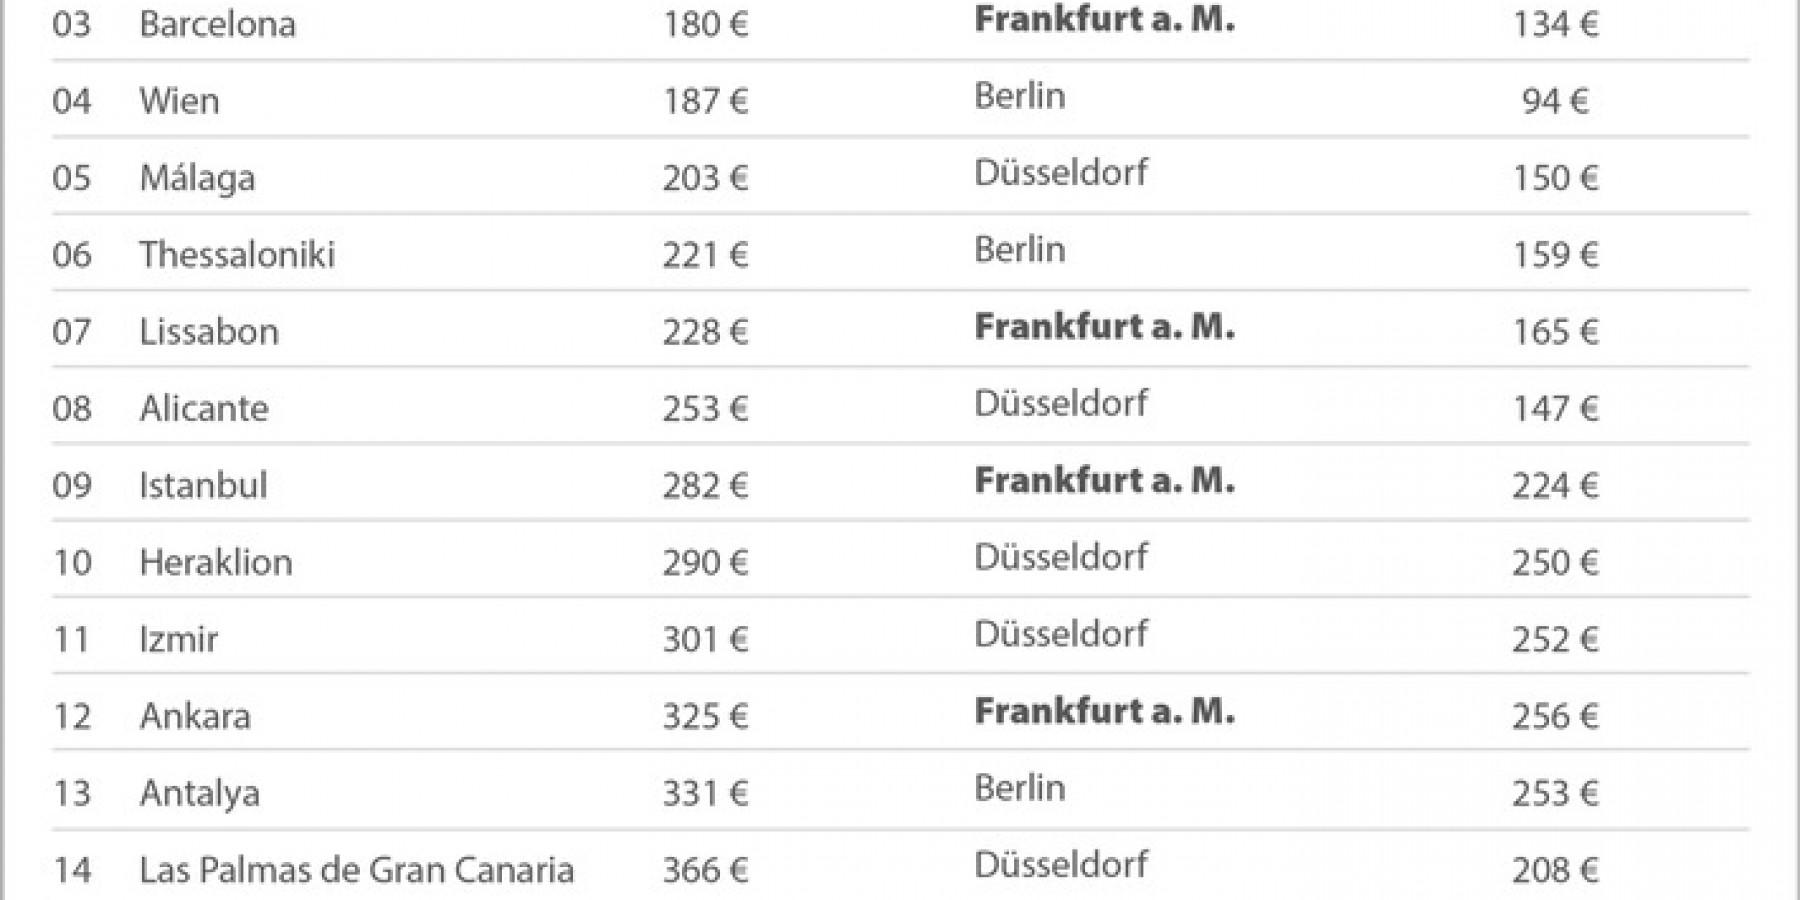 Frankfurt am Main ist der günstigste deutsche Abflugort